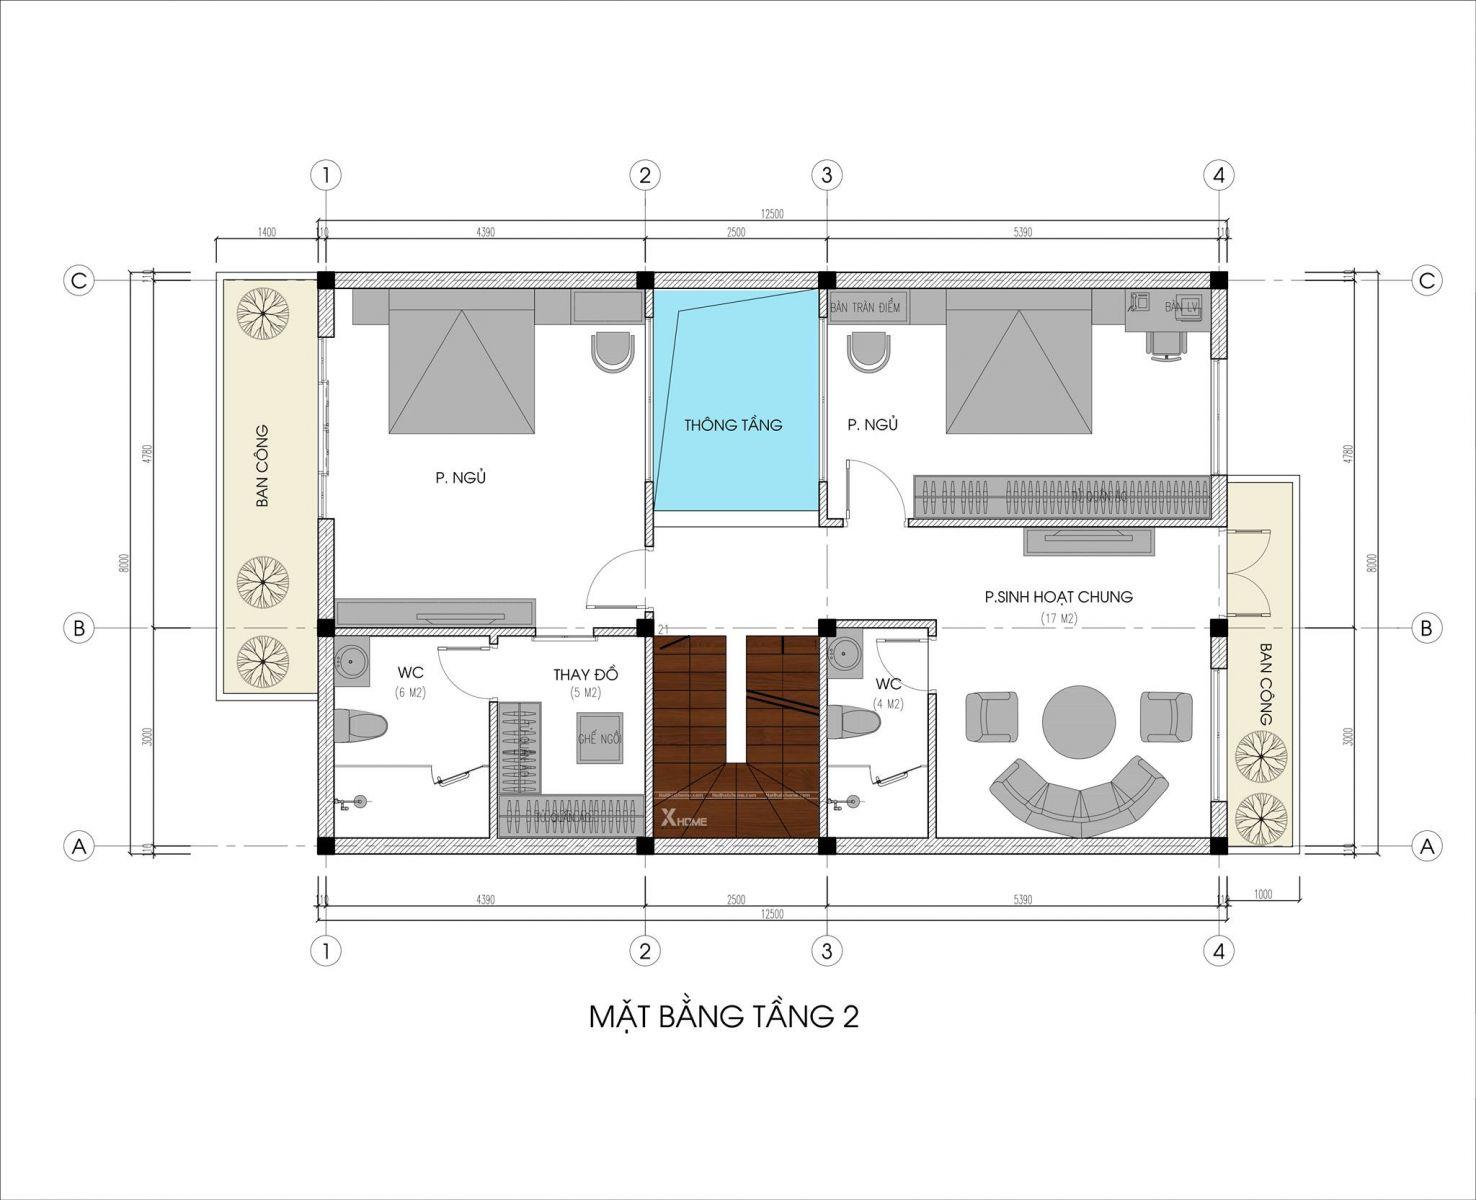 Mặt bằng thiết kế Biệt thự 8x20m (160 m2) hiện đại 3 tầng